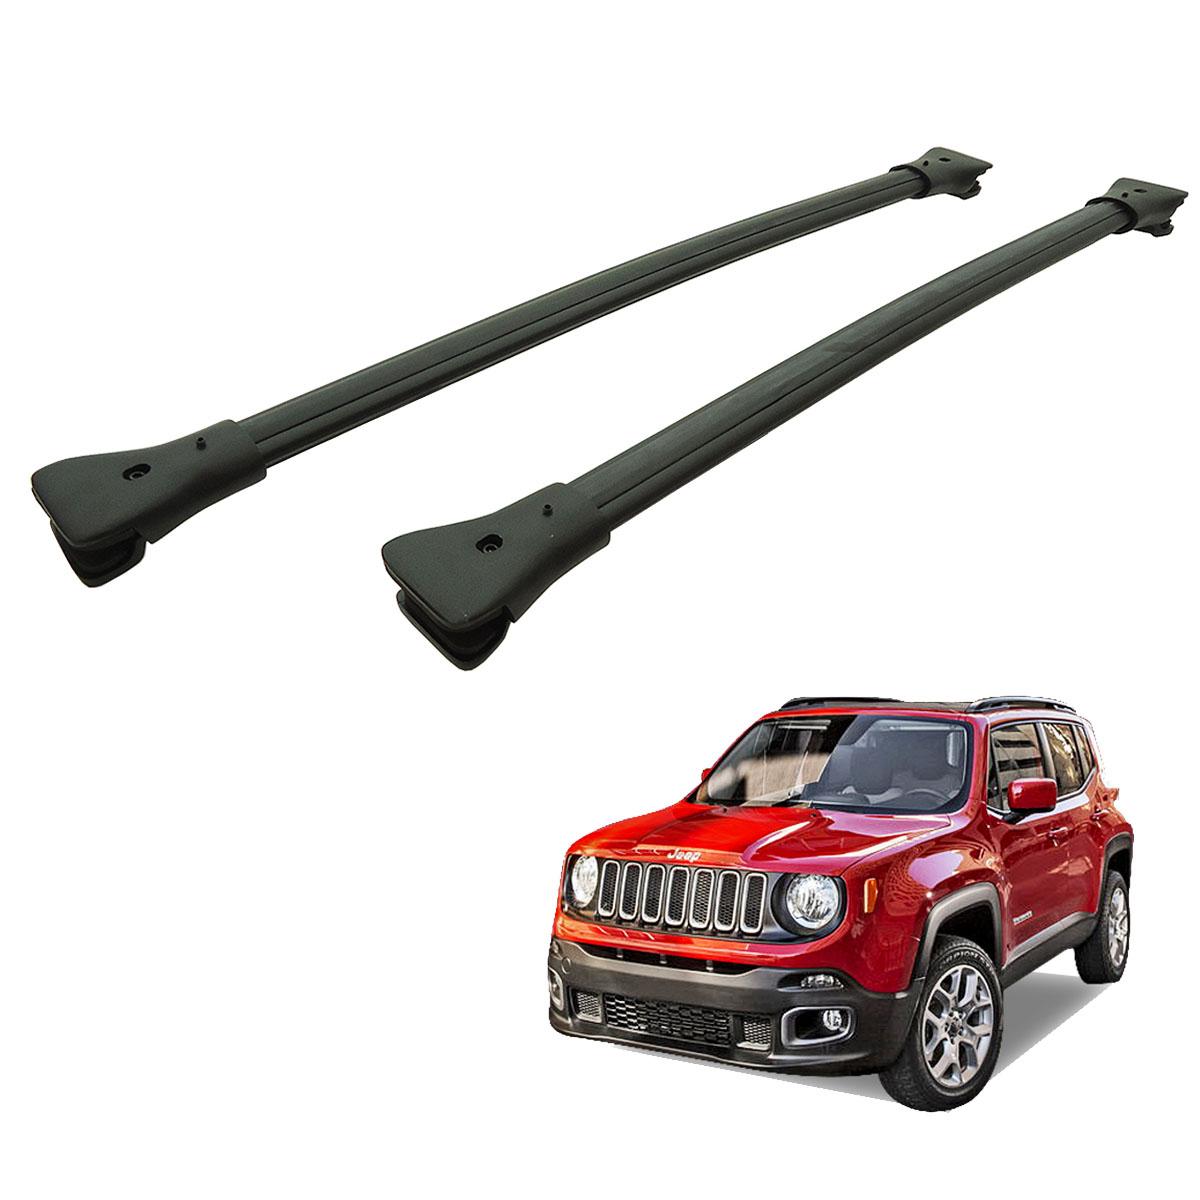 Travessa rack de teto larga preta alumínio Jeep Renegade 2016 2017